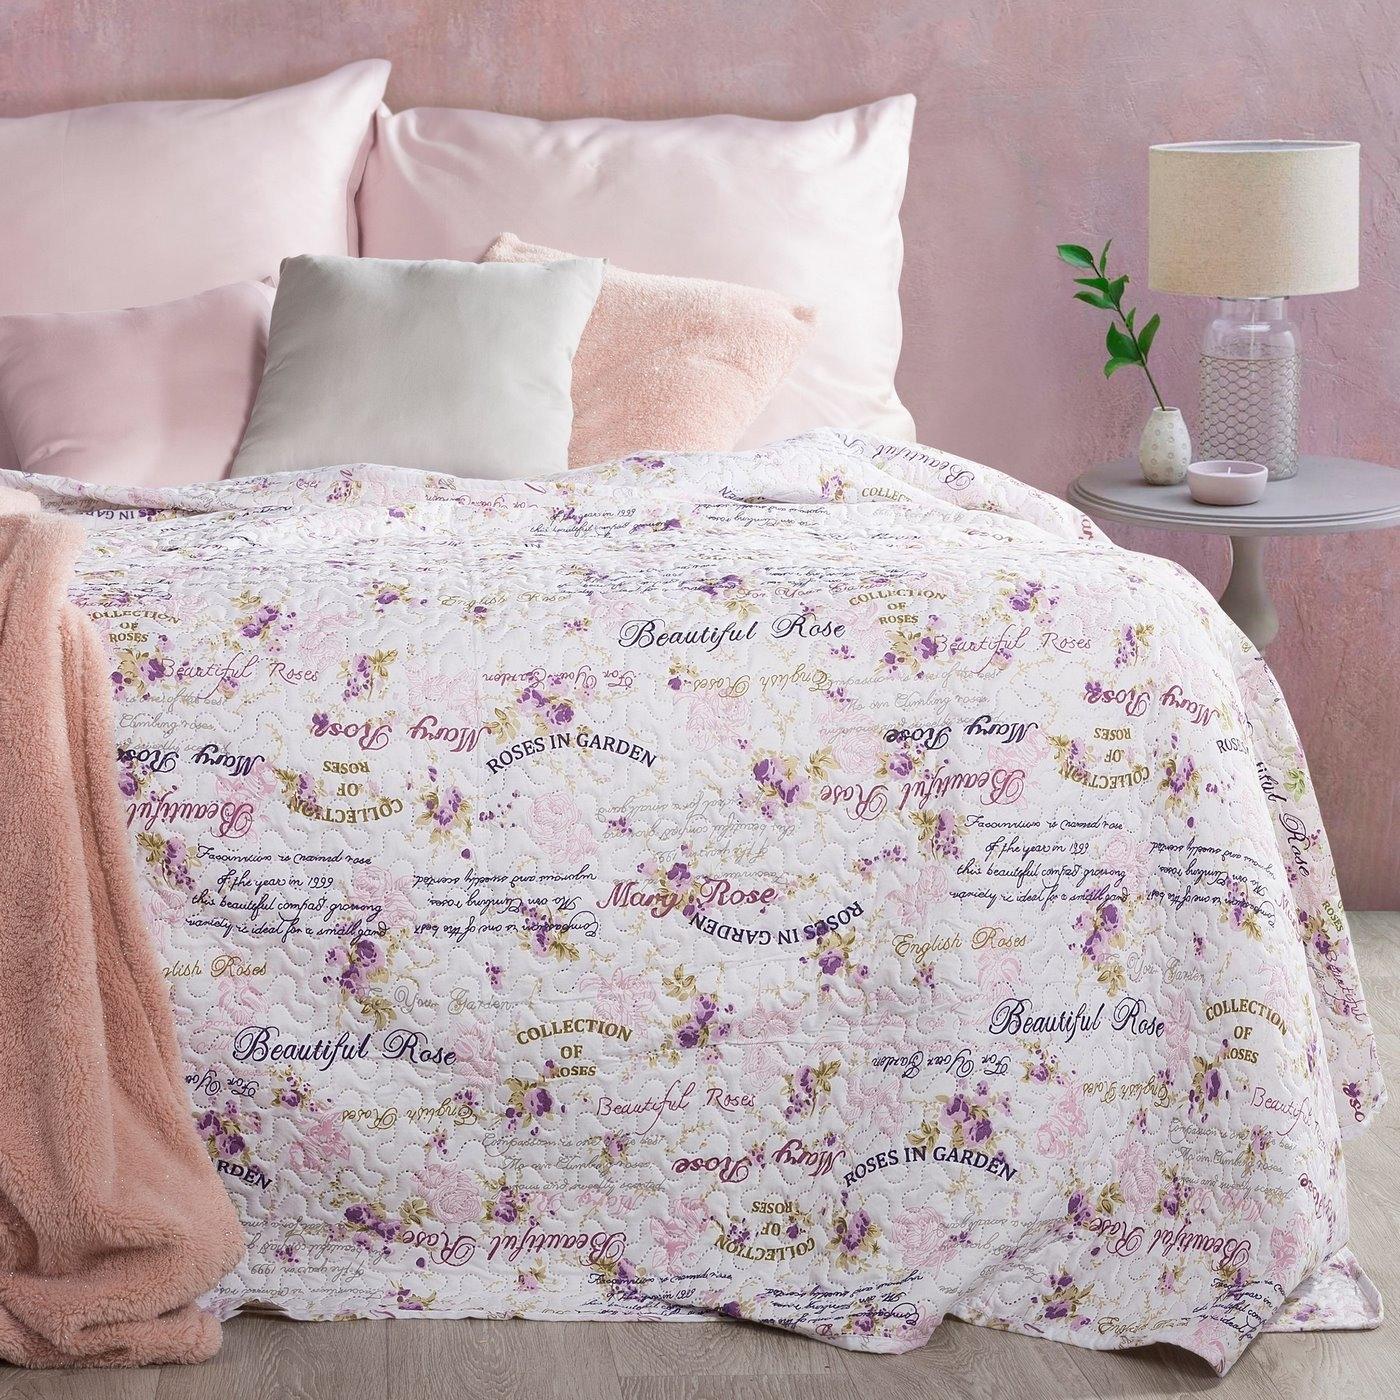 Cuvertura reversibila Rosita Cream / Pink 220 x 240 cm